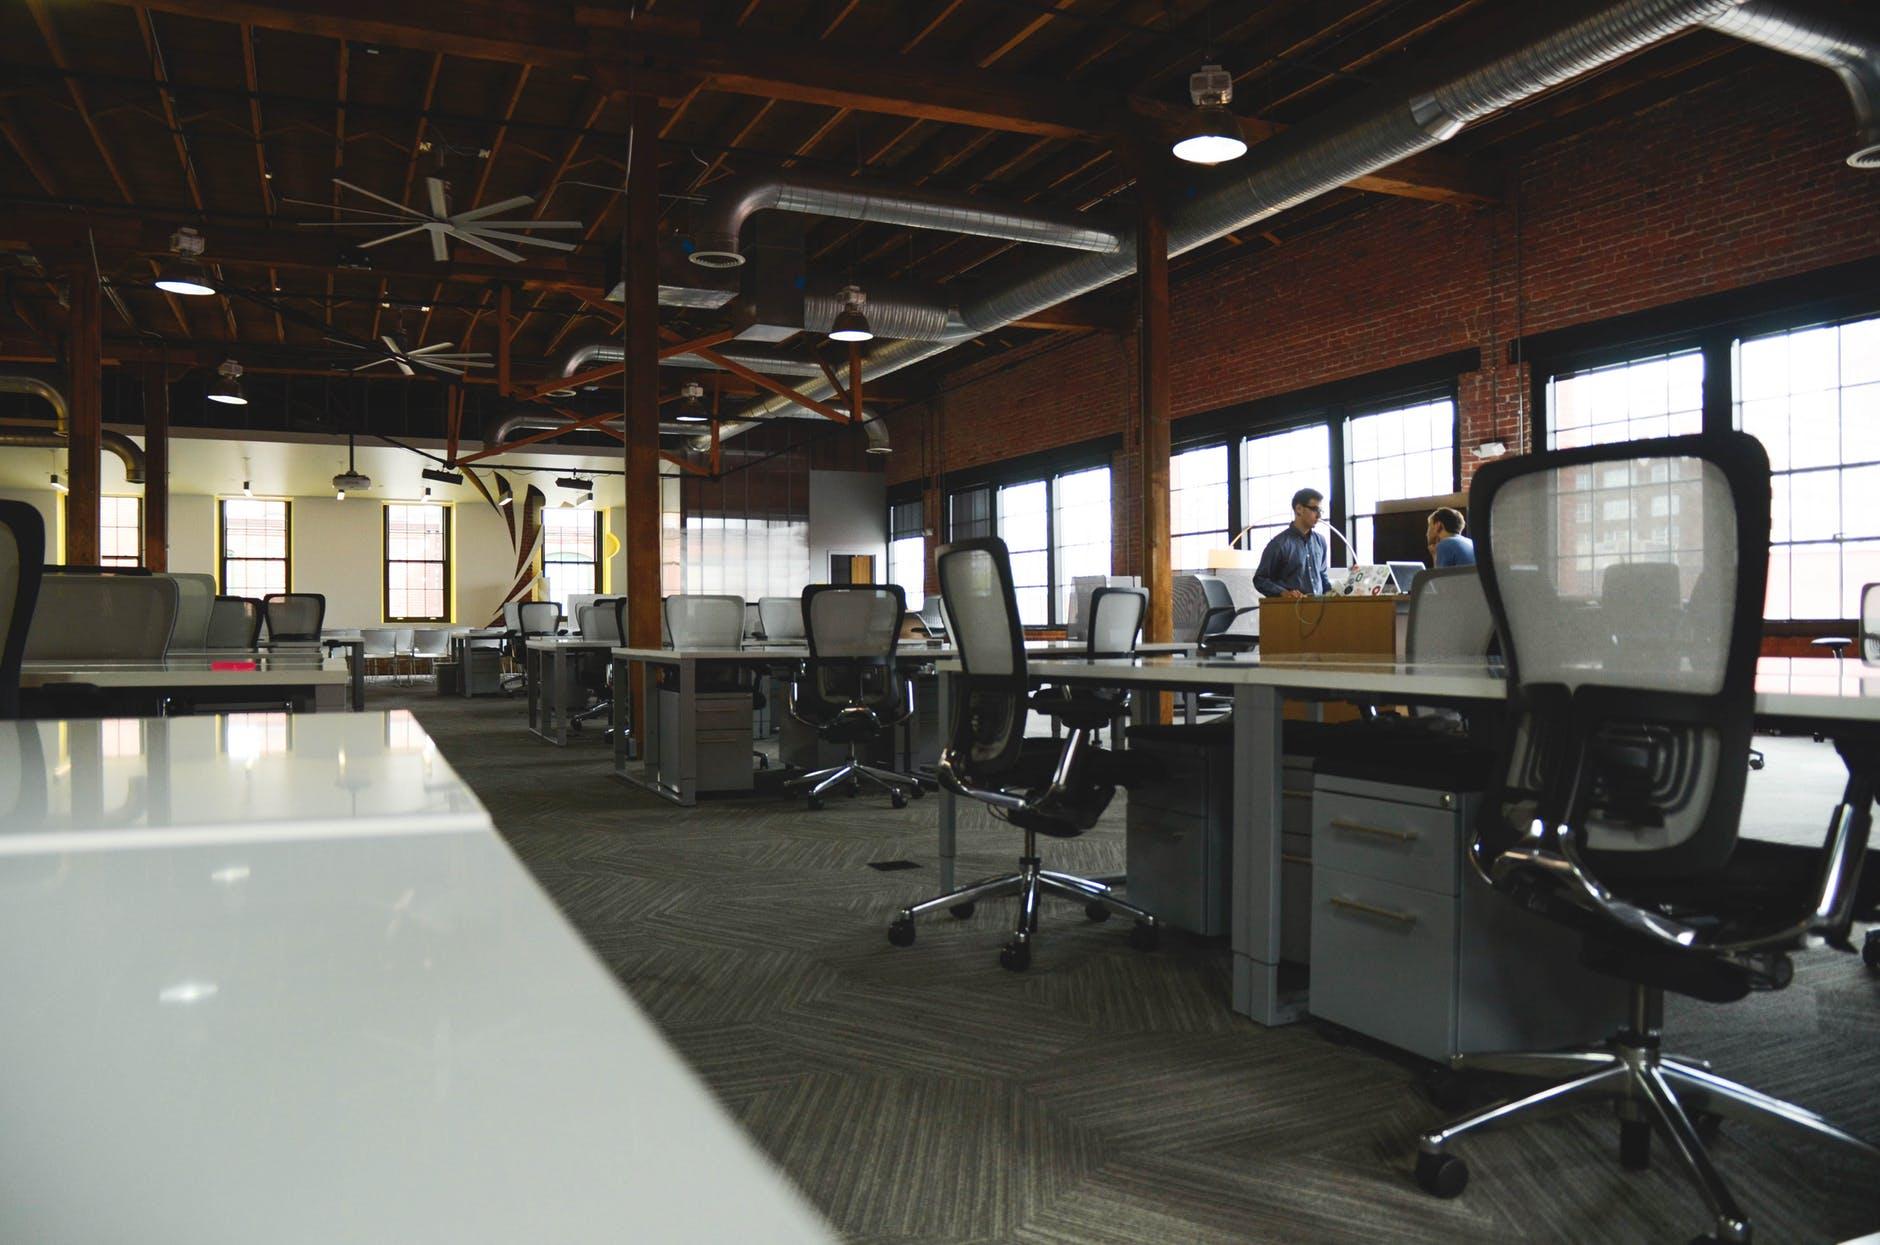 Dlaczego warto przeprowadzić audyt w firmie?